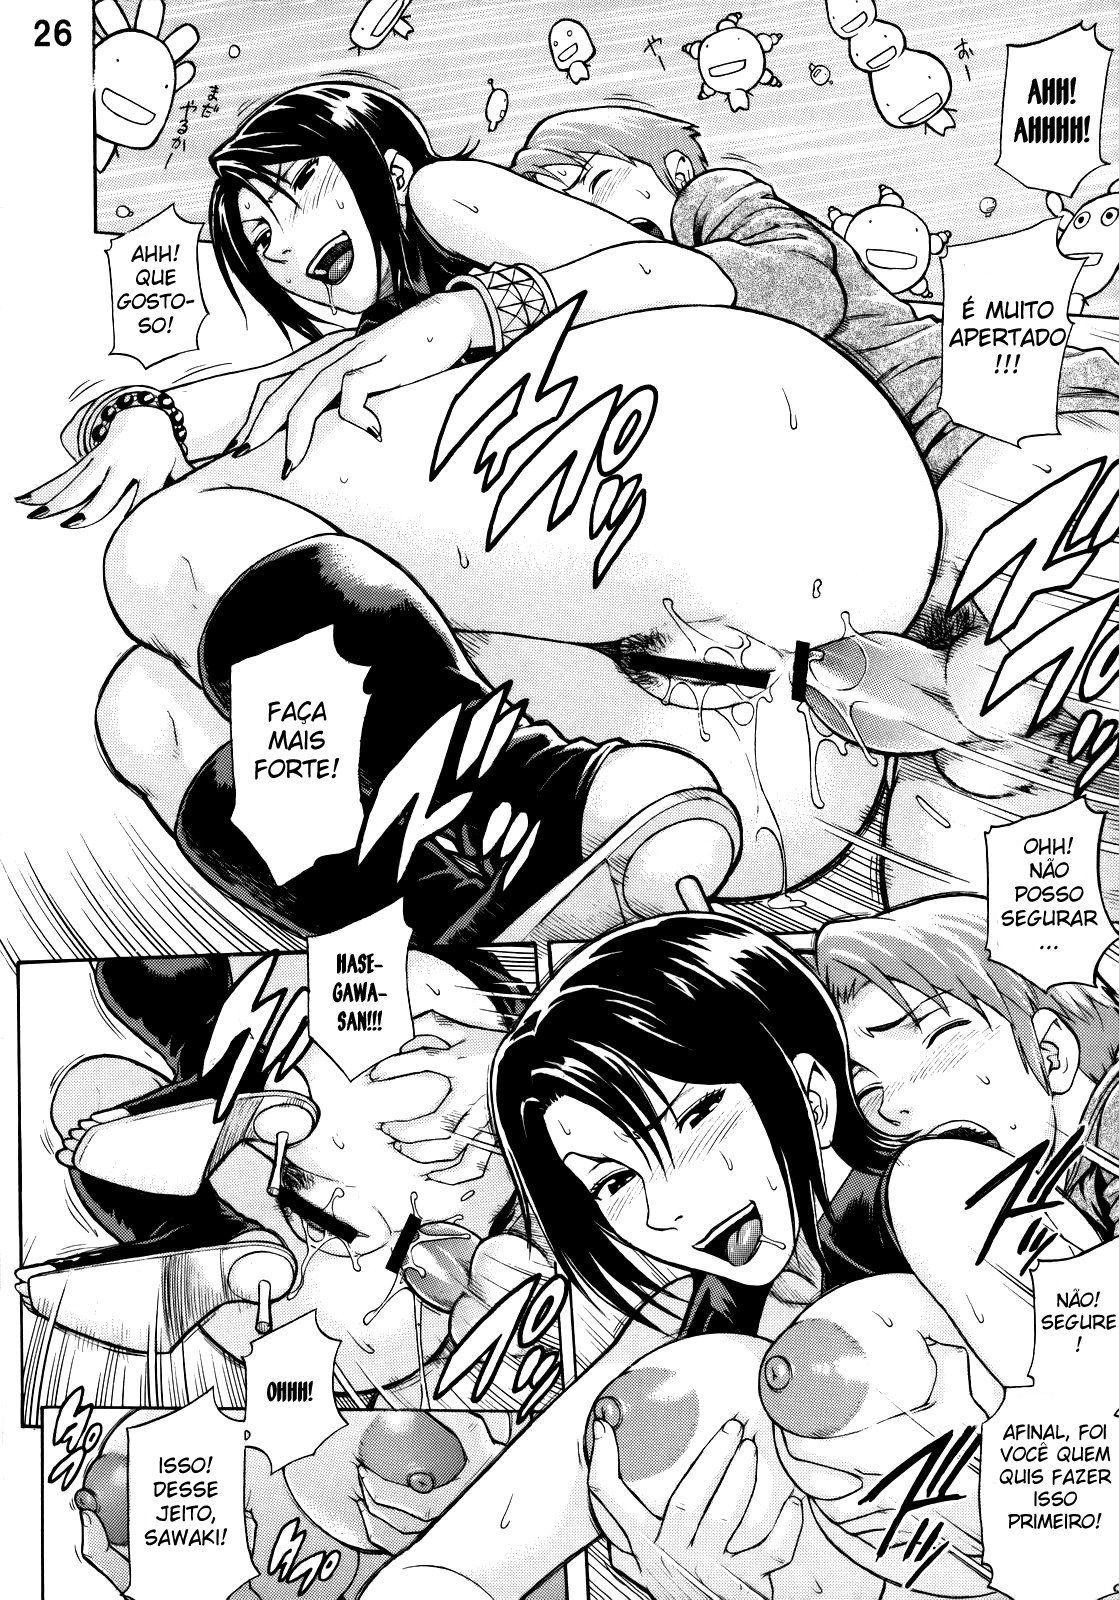 HentaiHome-Estreando-o-virgem-pervertido-25